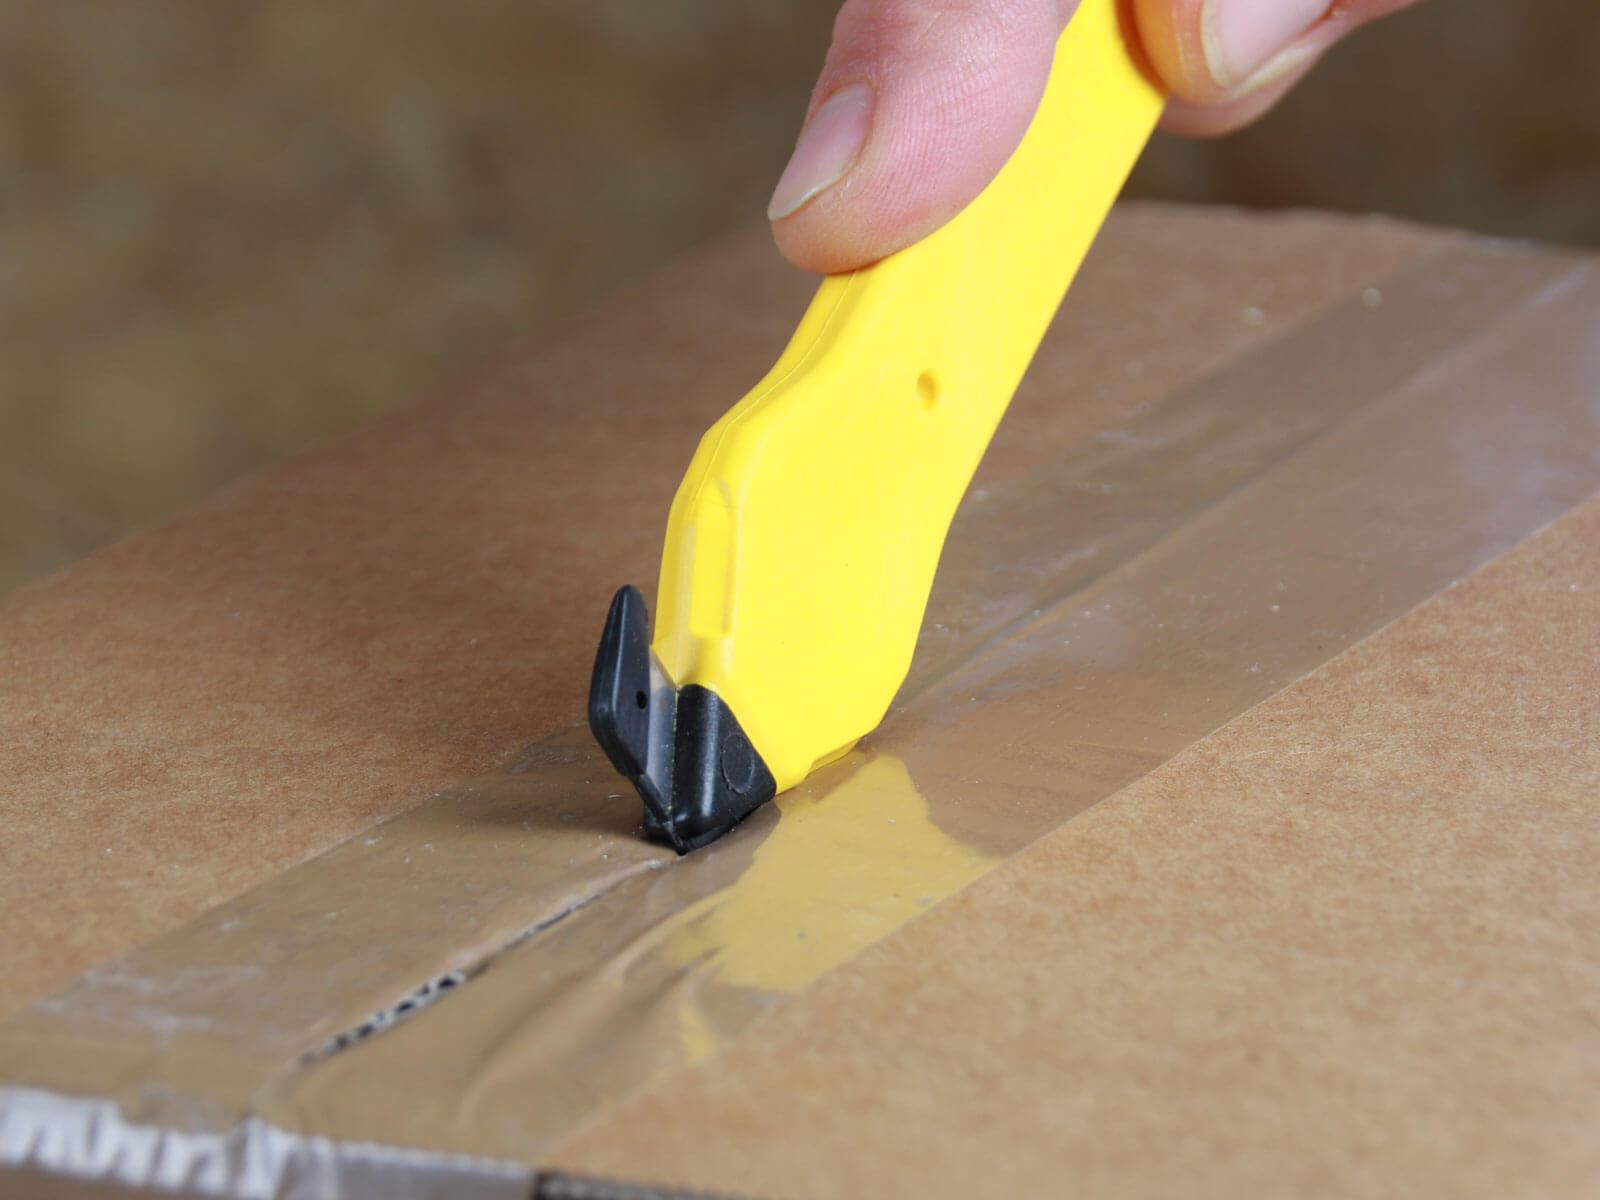 H033G Sicherheitsmesser Schutzhaken Klebeband schneiden CURT-tools